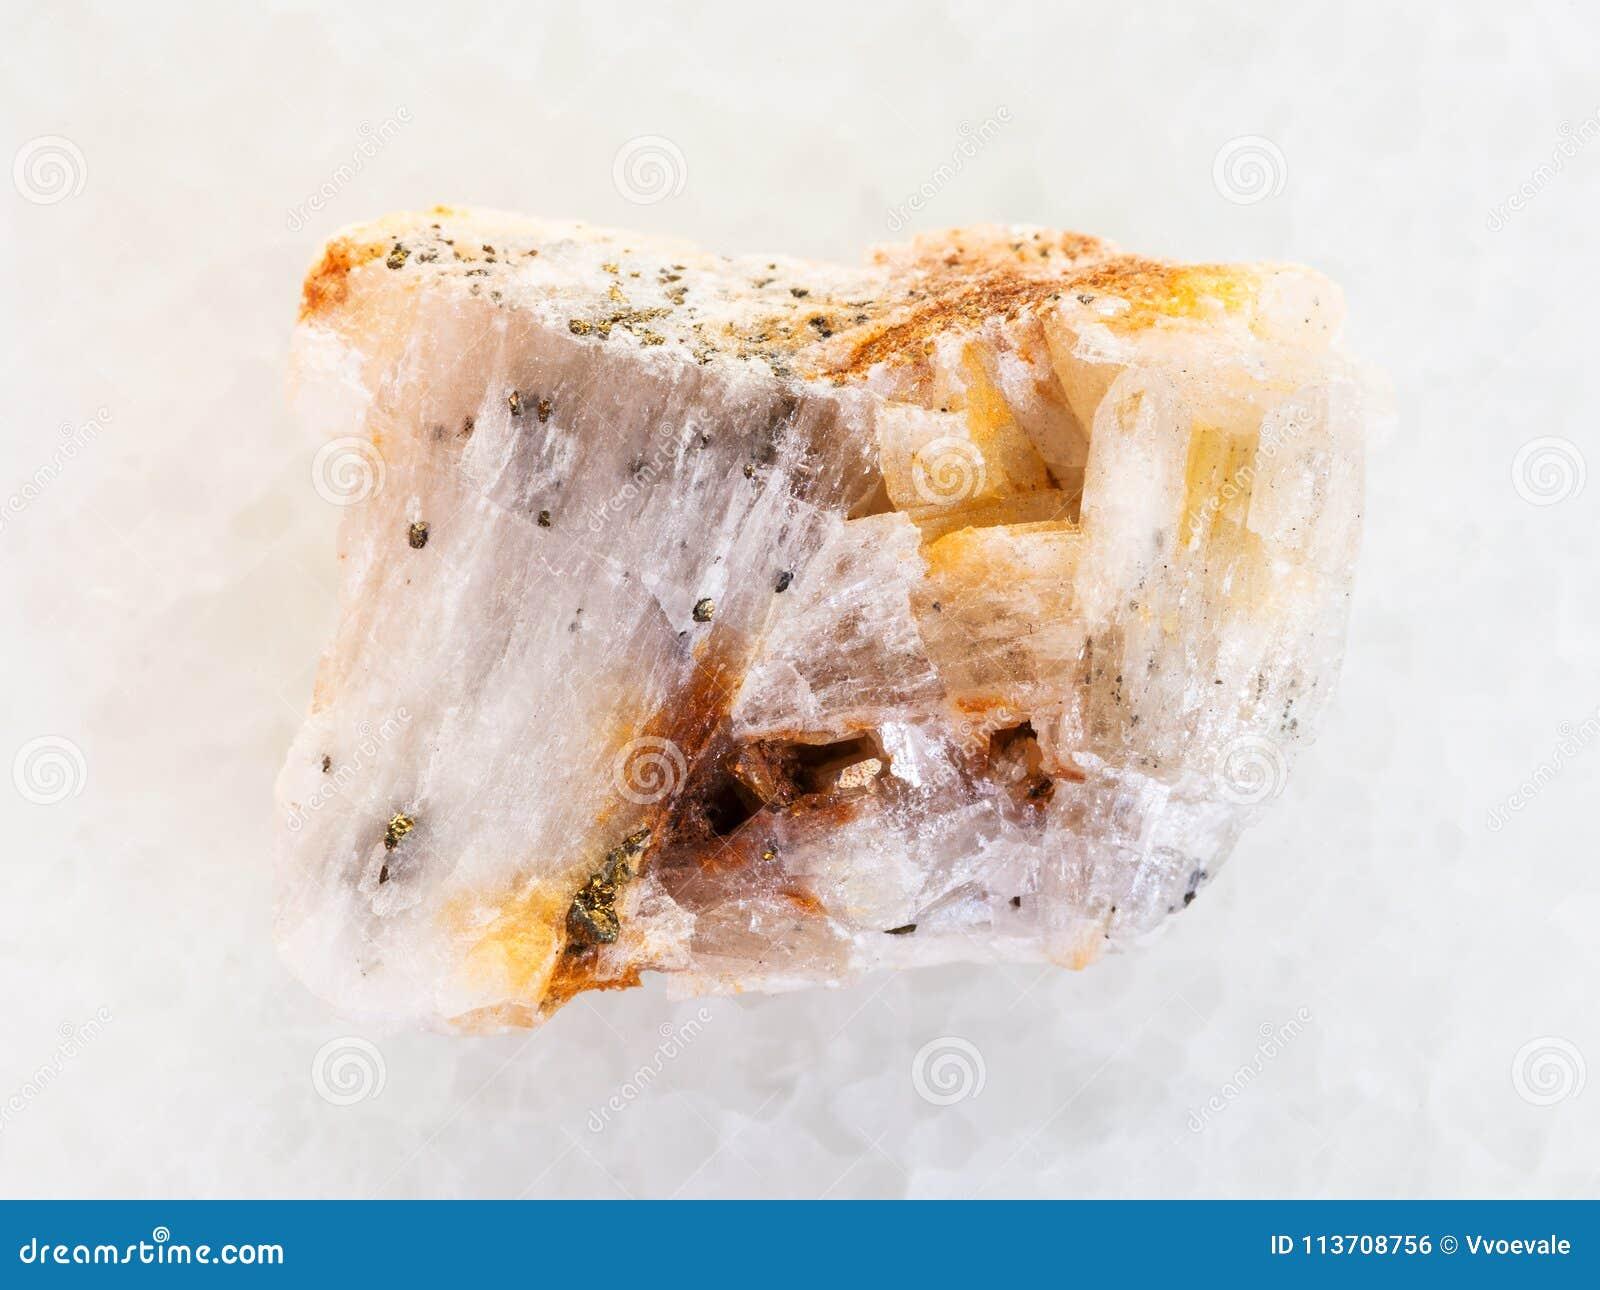 Infödd guld i grov kvartssten på vit marmor